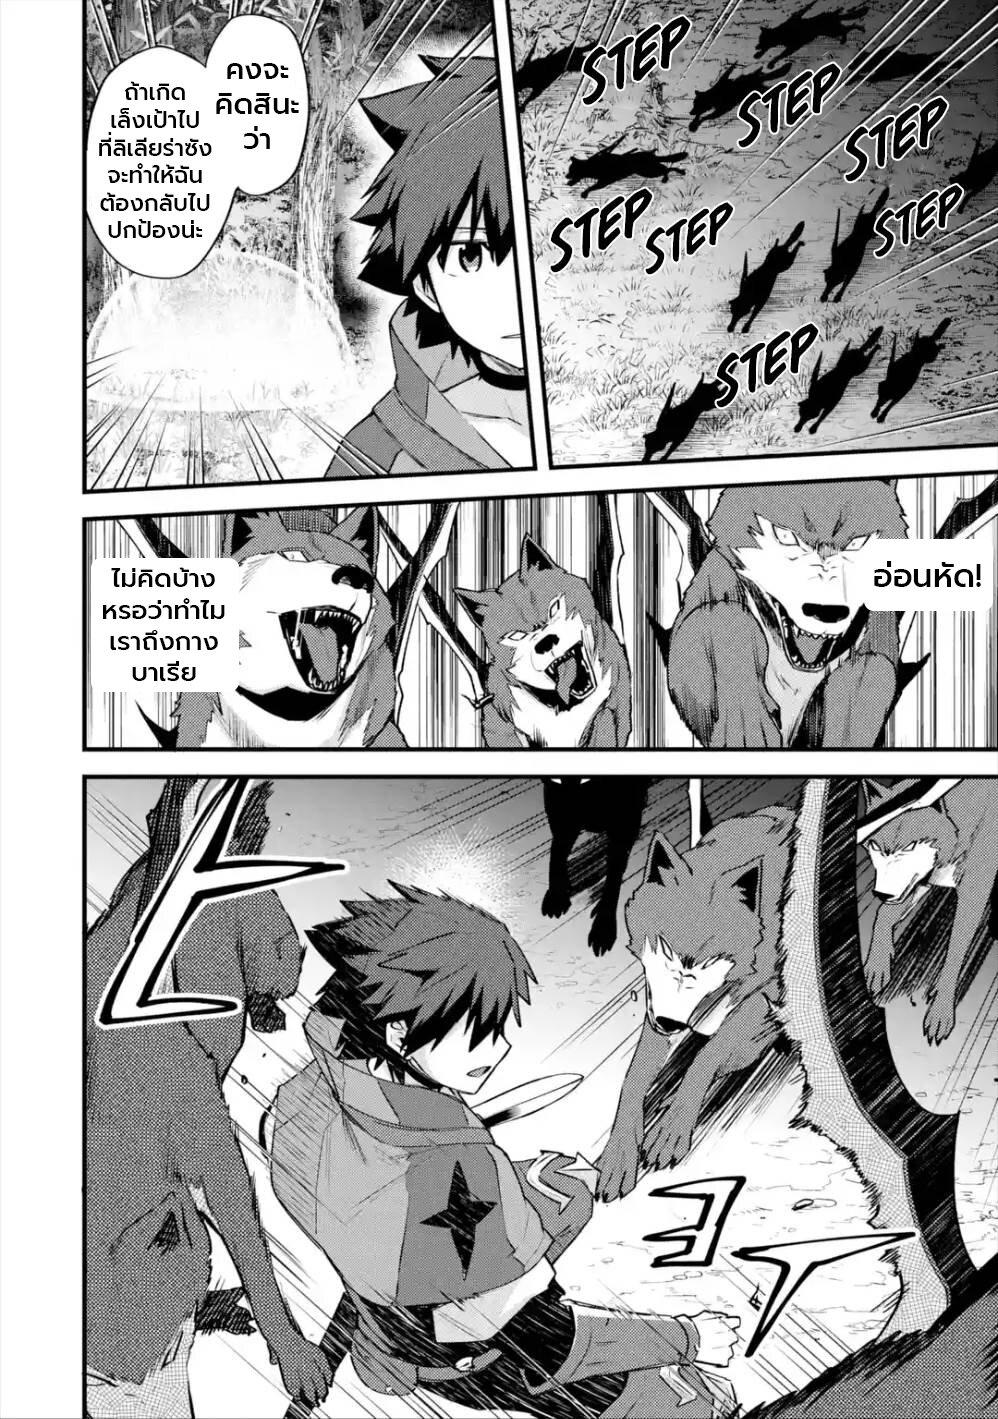 อ่านการ์ตูน Nido Tensei Shita Shounen wa S Rank Boukensha Toshite Heion ni Sugosu-zense ga kenja de eiyuu datta boku wa raisede wa jimini ikiru ตอนที่ 19 หน้าที่ 21